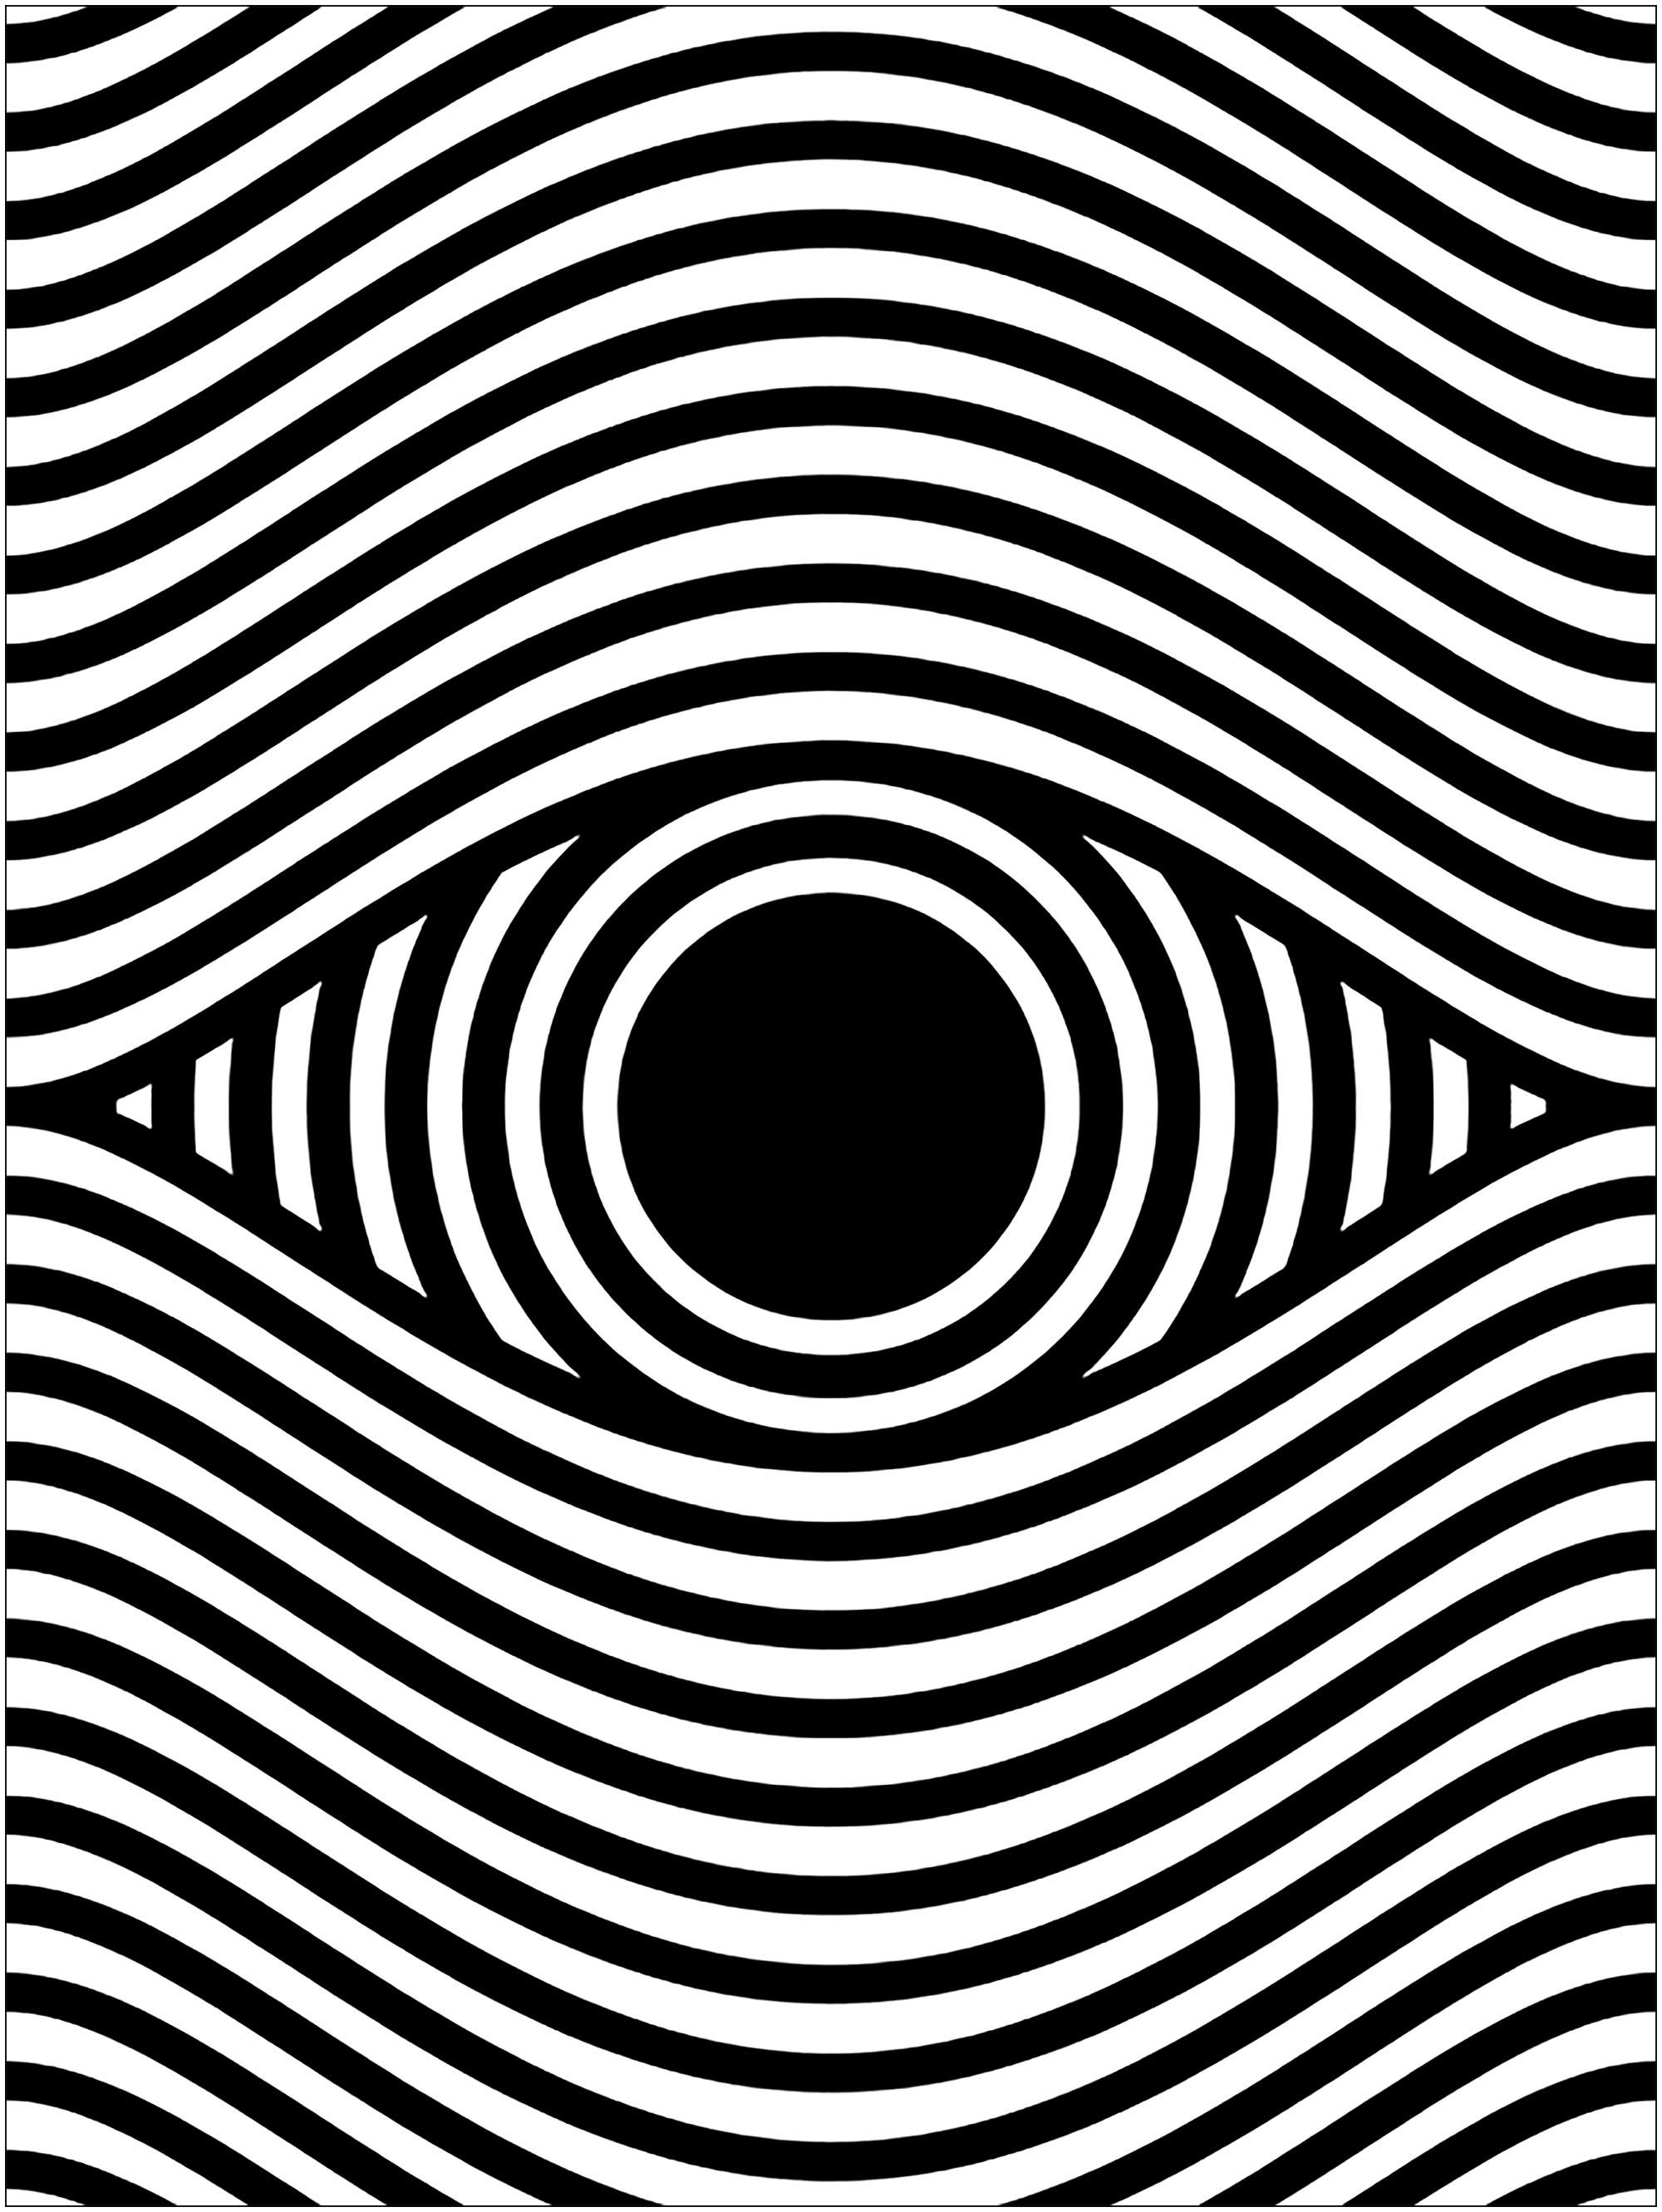 Oeil et illusion d'optique - format portrait (inspiré d'une oeuvre de Sergi Delgado)